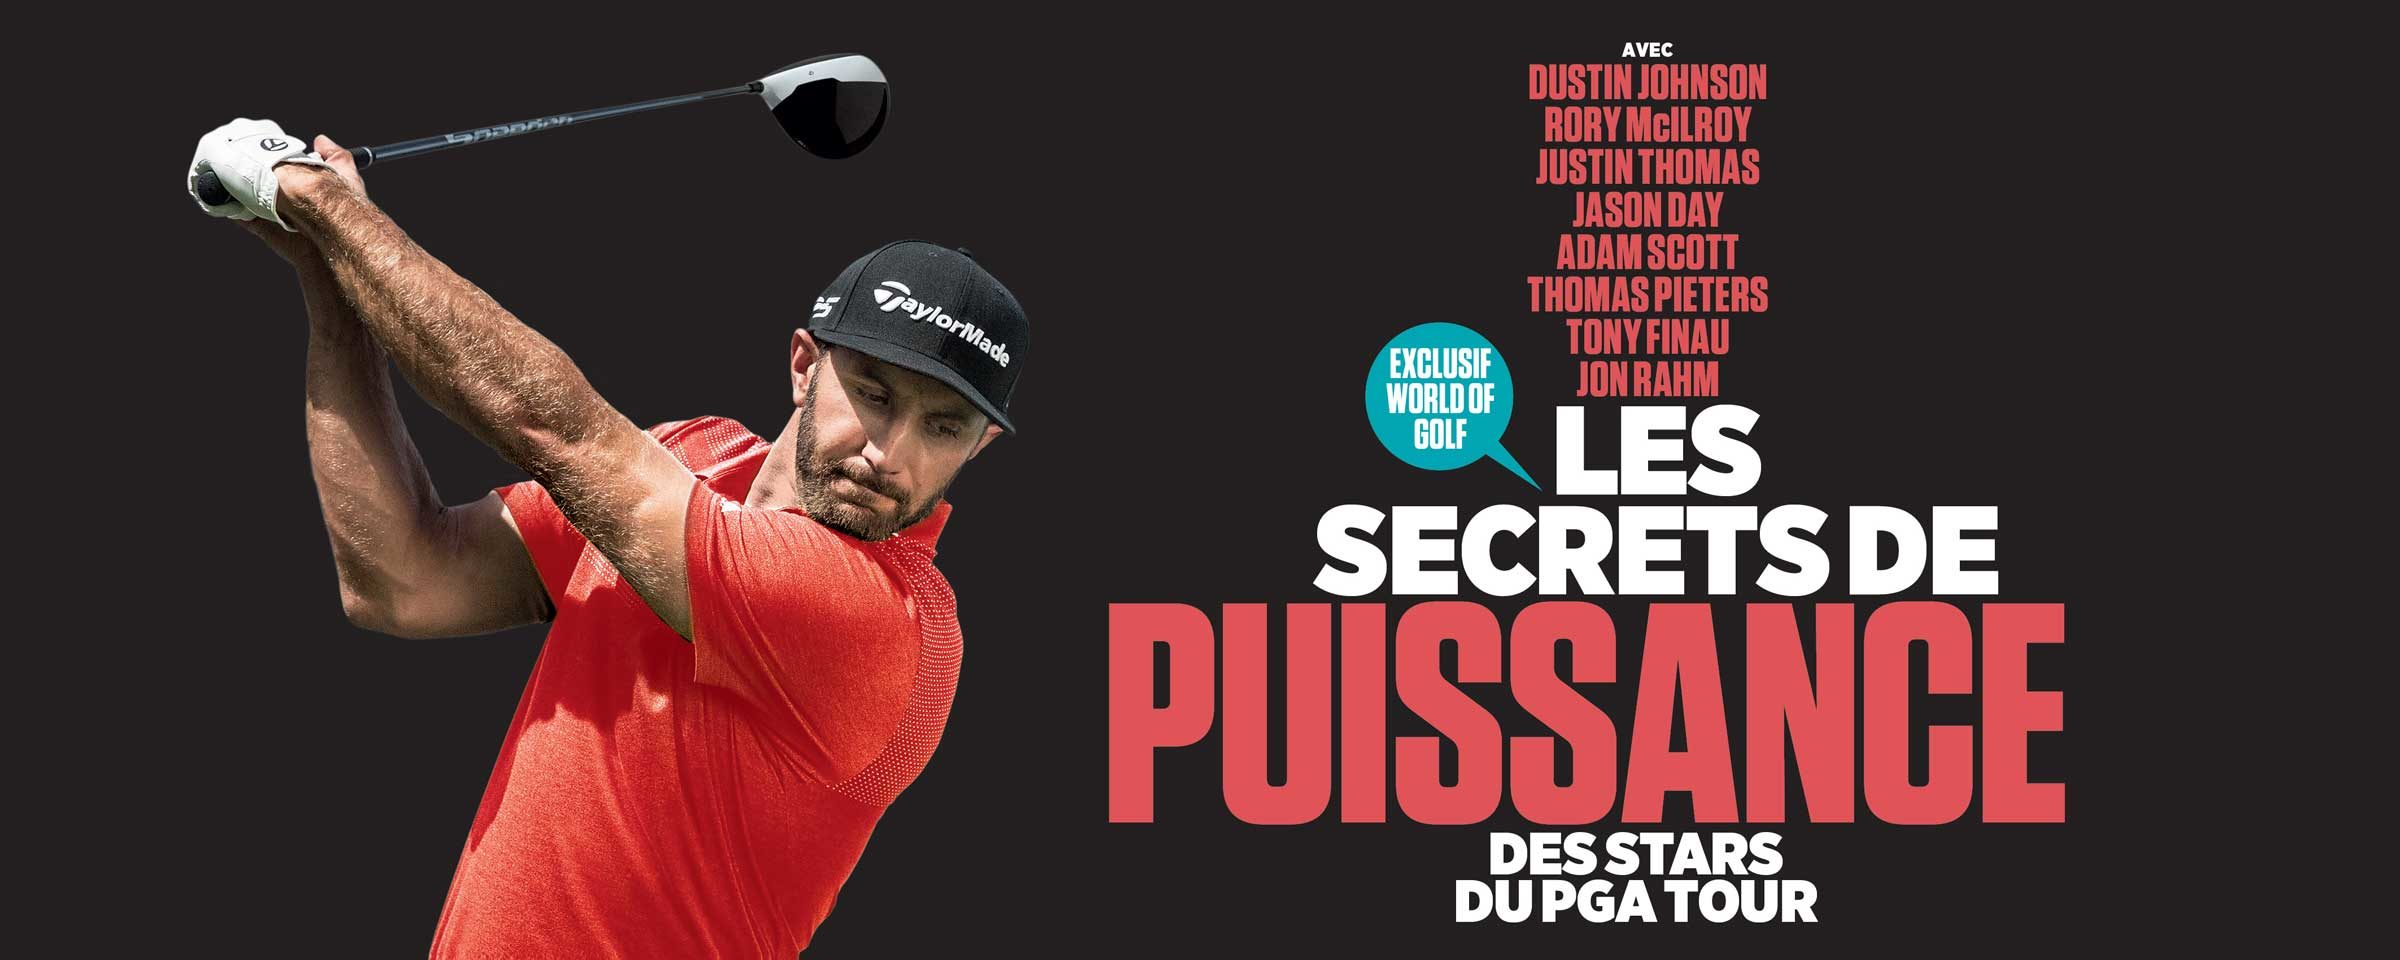 Les secrets de puissance des stars du PGA Tour